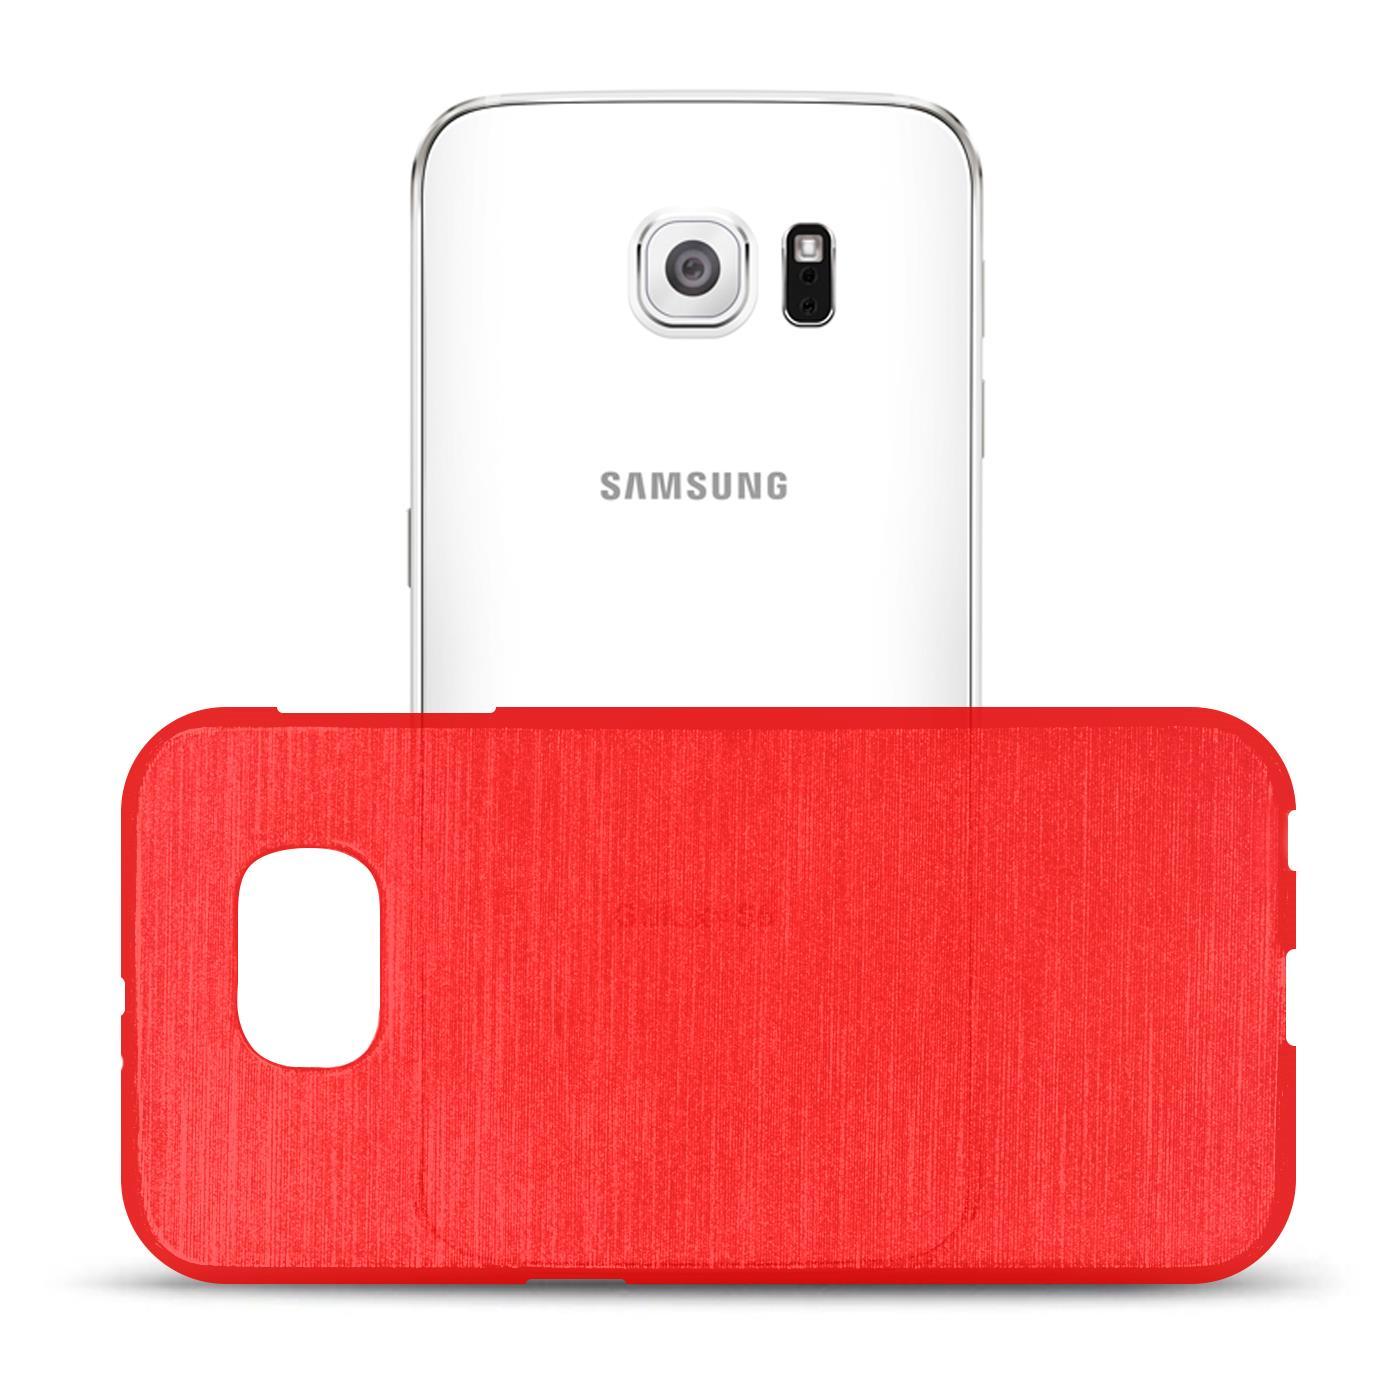 Silikon-Bumper-Case-fuer-Samsung-Galaxy-s6-duenne-ultra-slim-Stossfeste-Rueckschale Indexbild 36